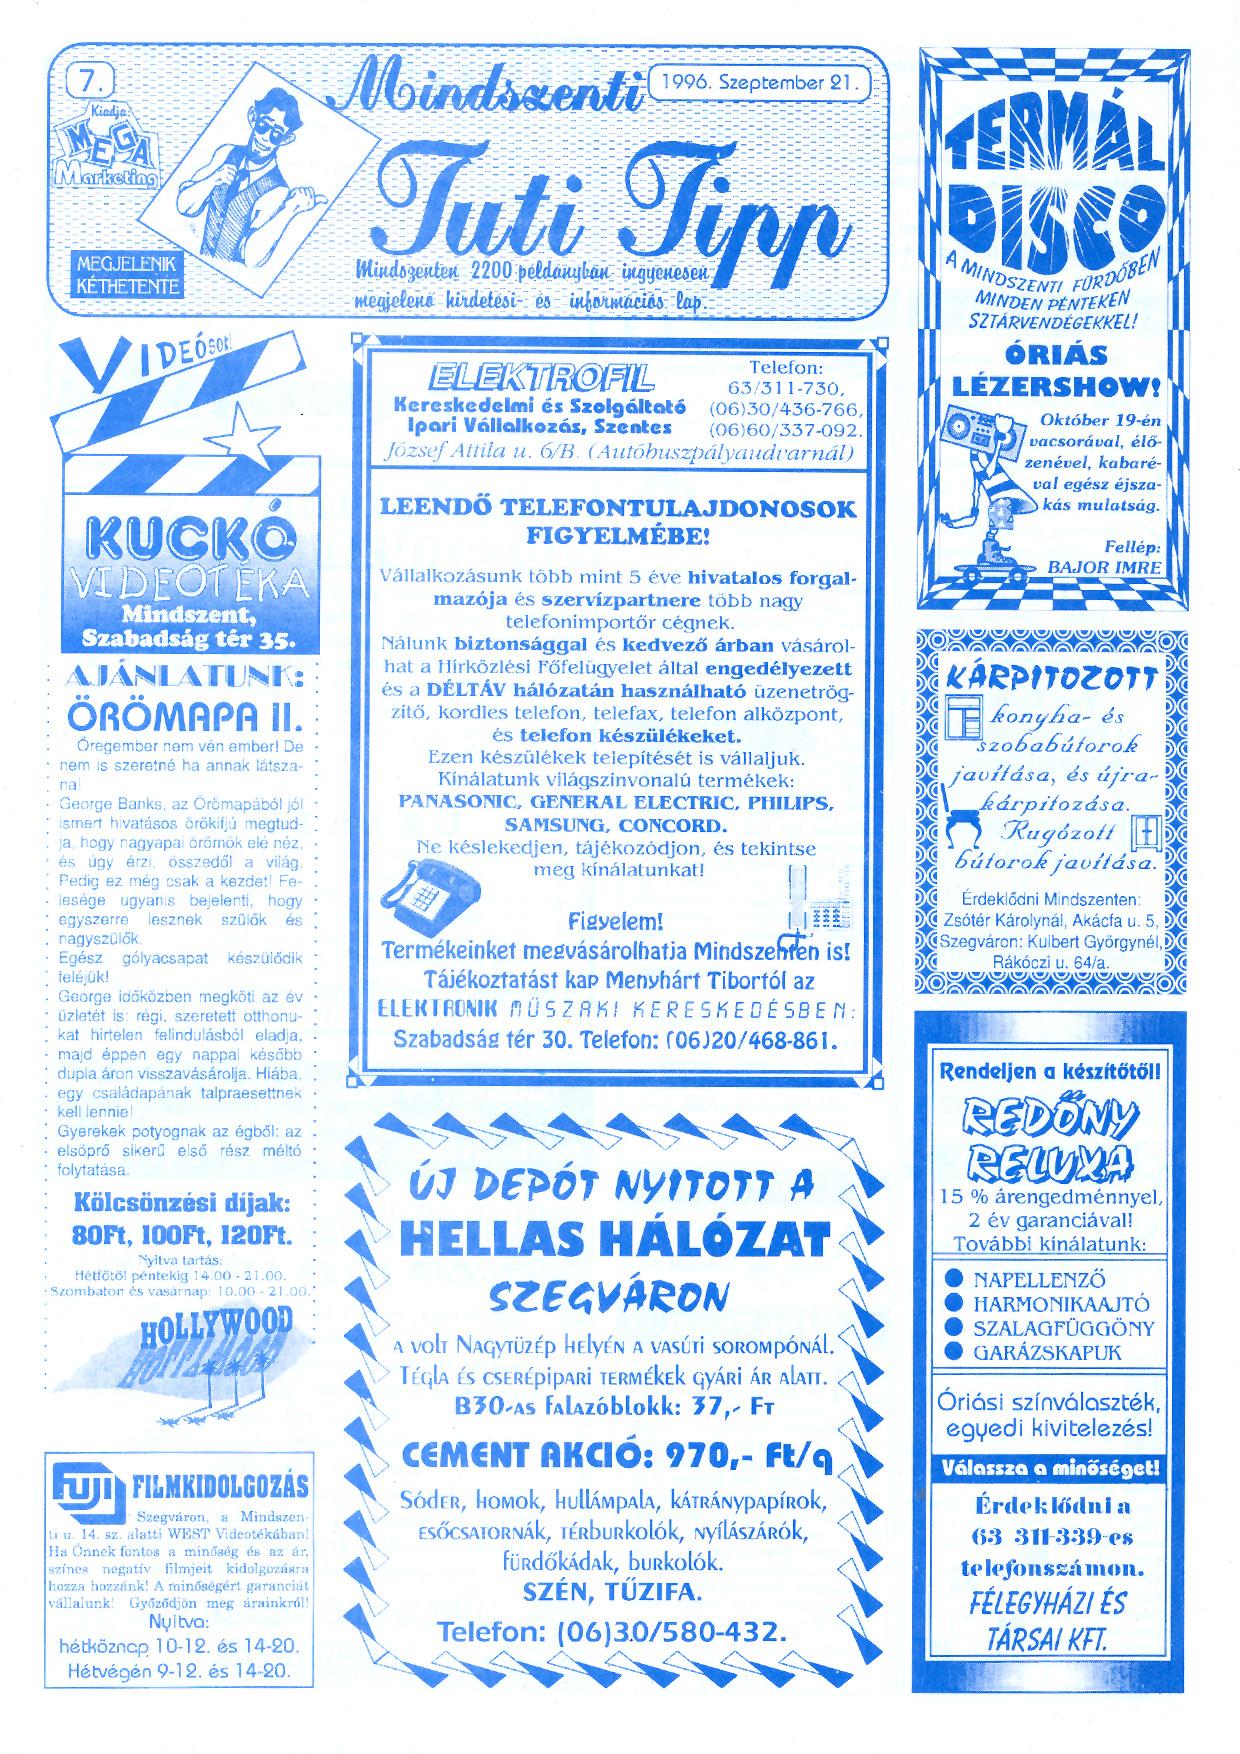 053 Mindszenti Tuti Tipp reklámújság - 19960921-007. lapszám - 1.oldal - II. évfolyam.jpg